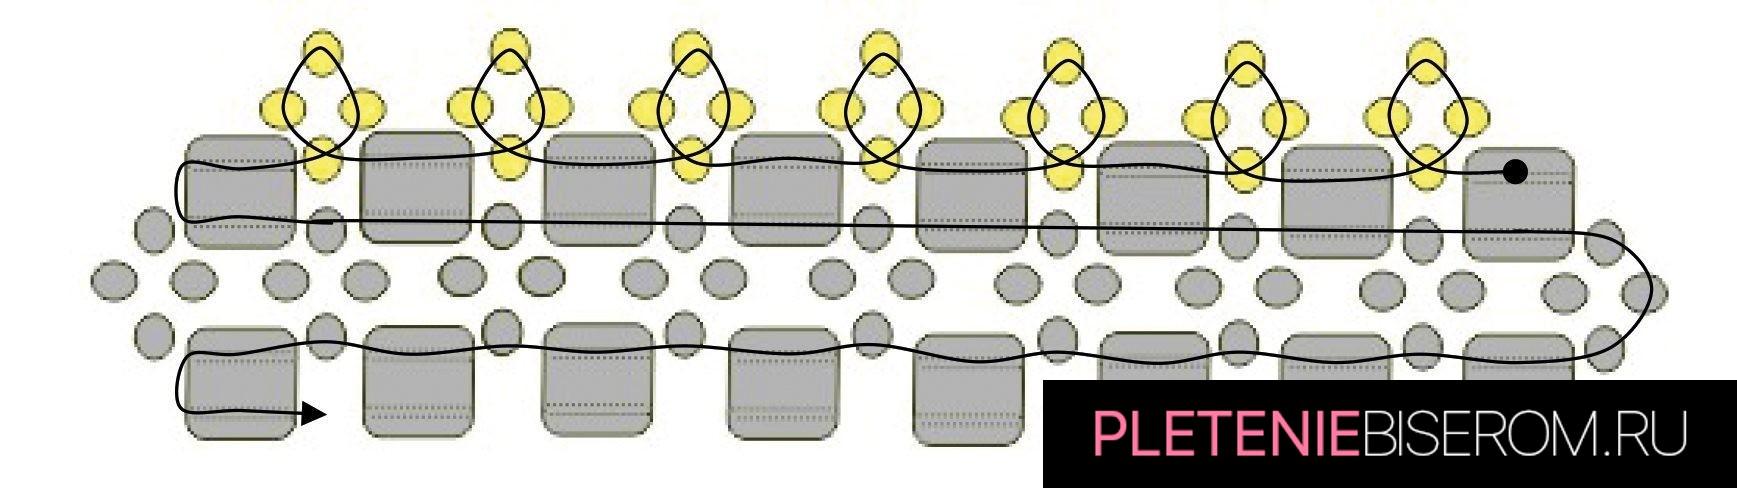 Стильные серьги из бисера: схема плетения 6